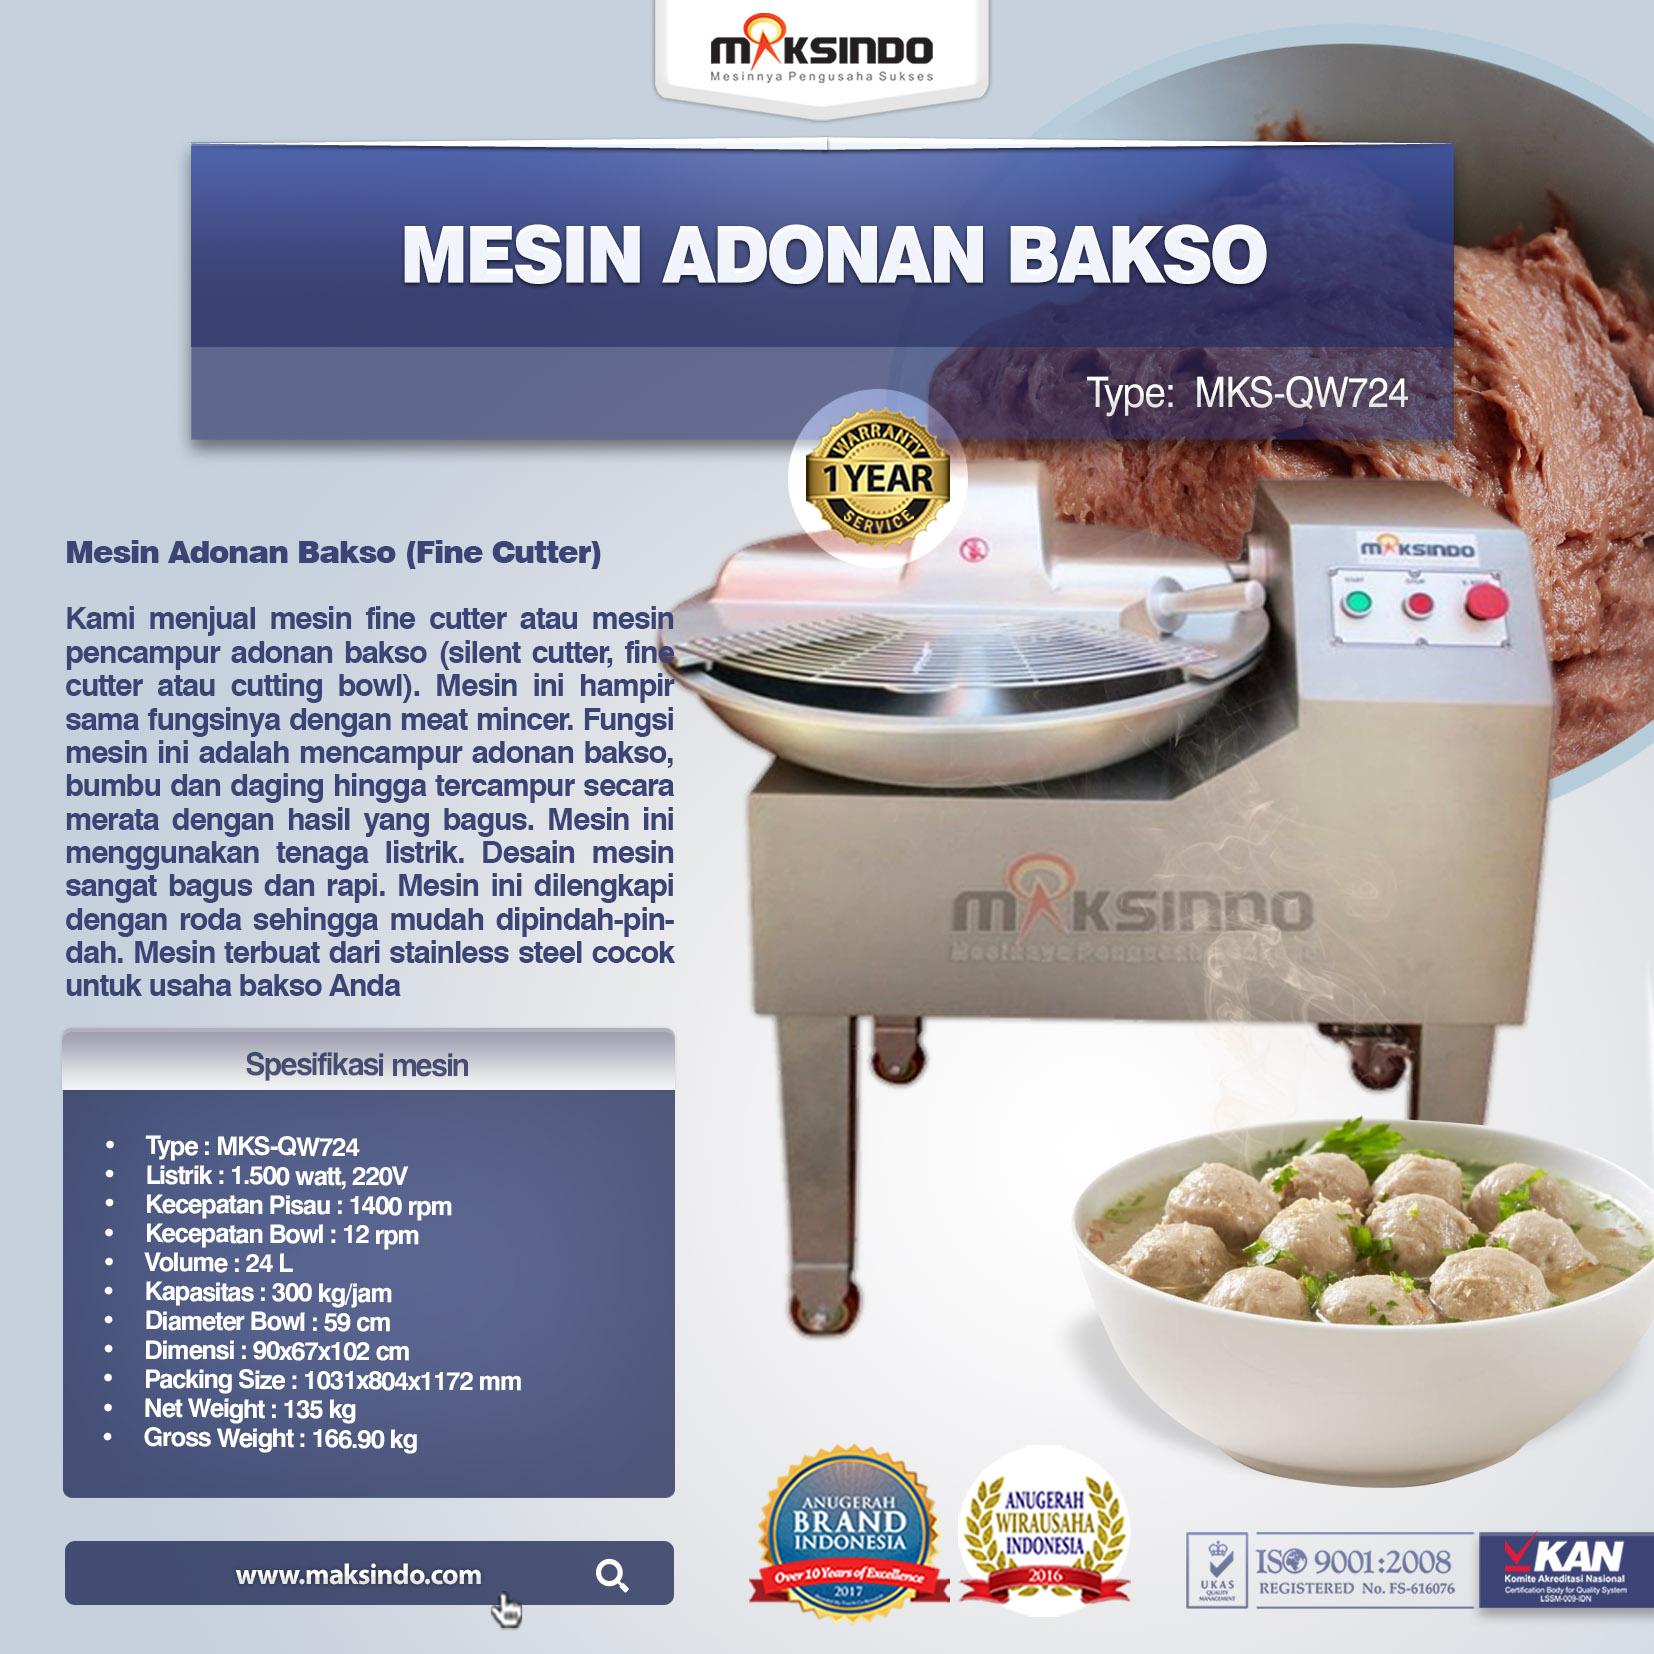 Jual Mesin Adonan Bakso (Fine Cutter) MKS-QW724 di Tangerang